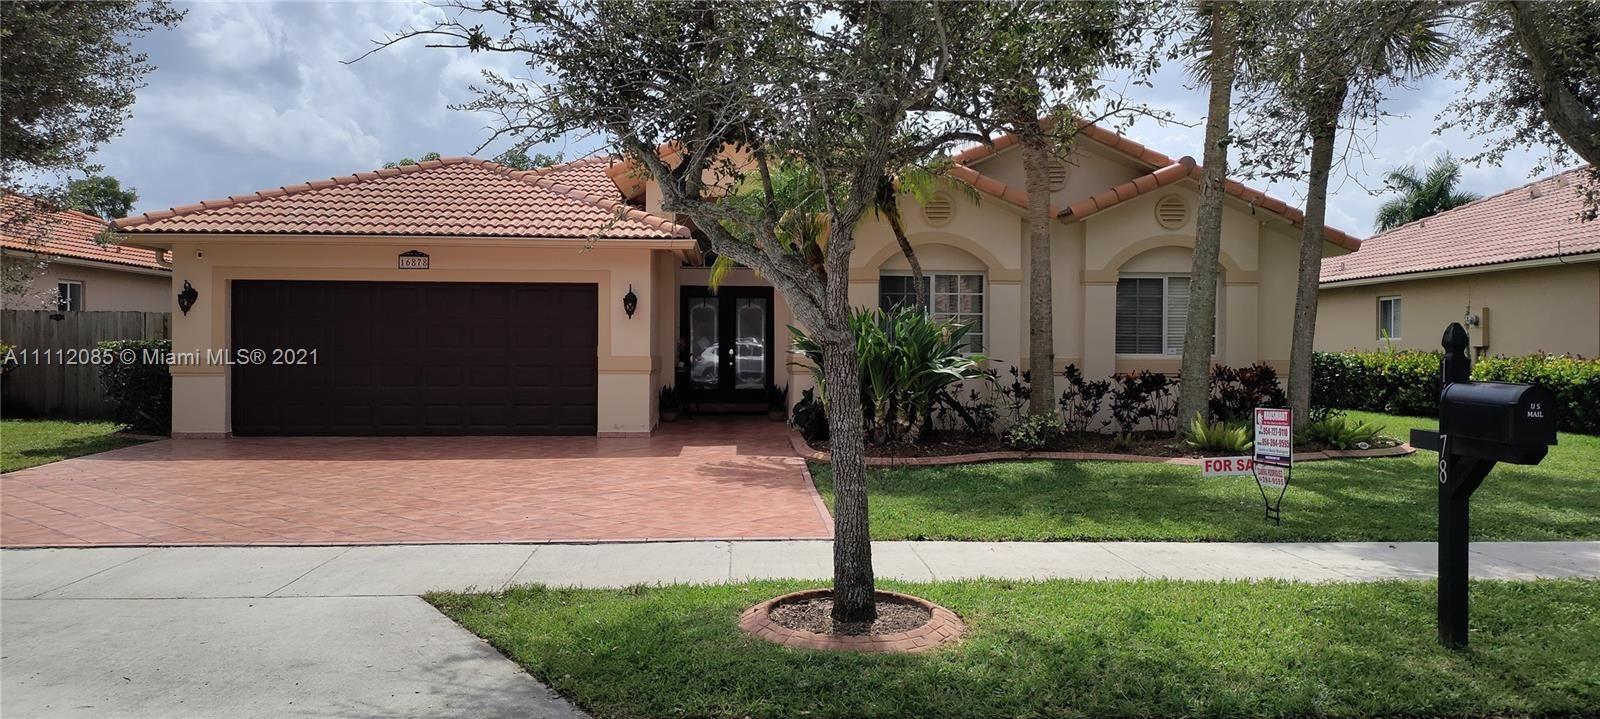 16878 Crestview Ln, Weston, FL 33326 - #: A11112085